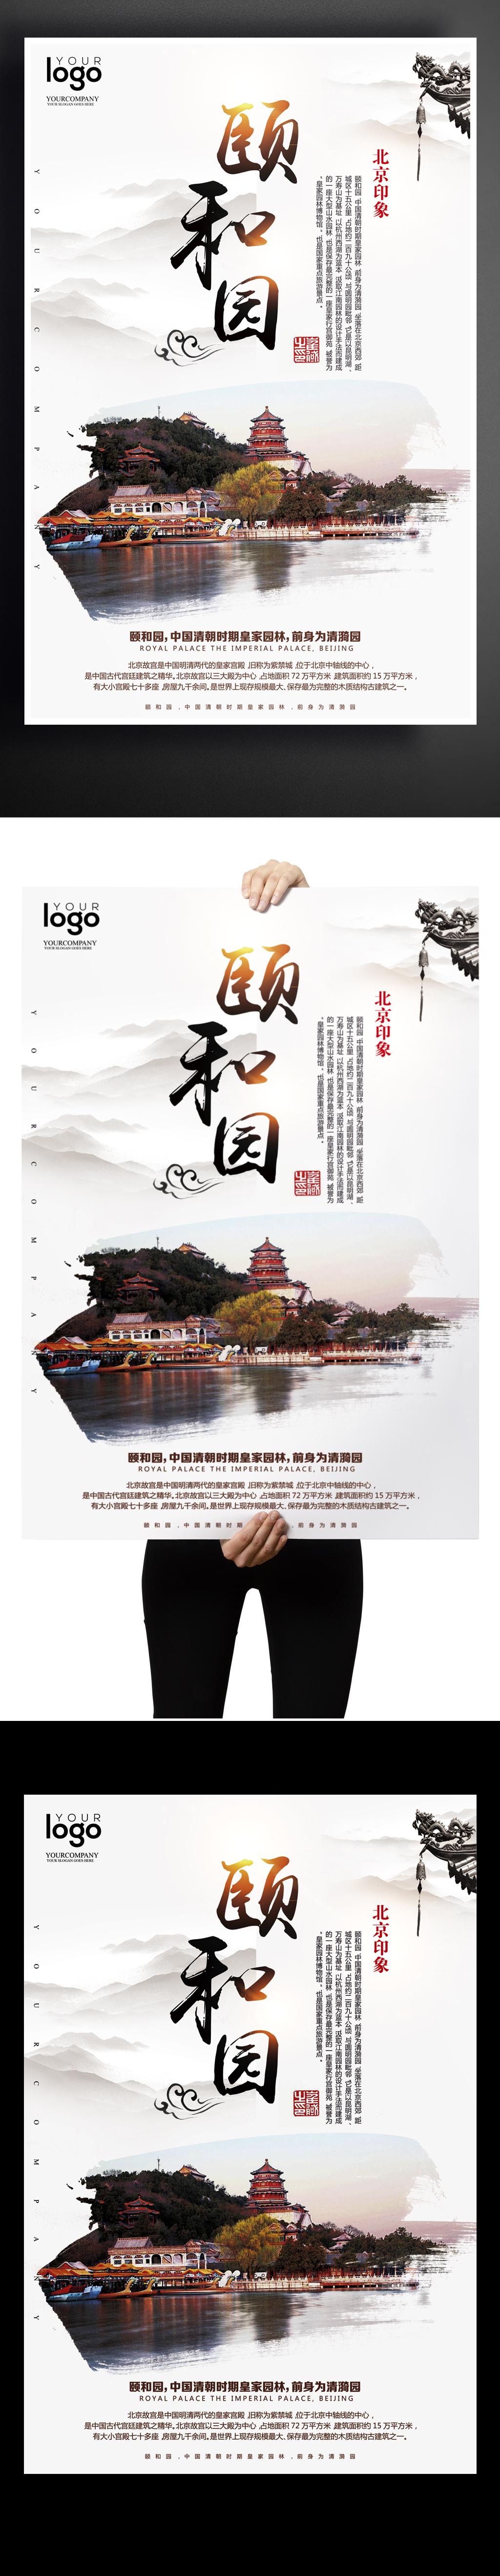 2017北京颐和园旅游海报